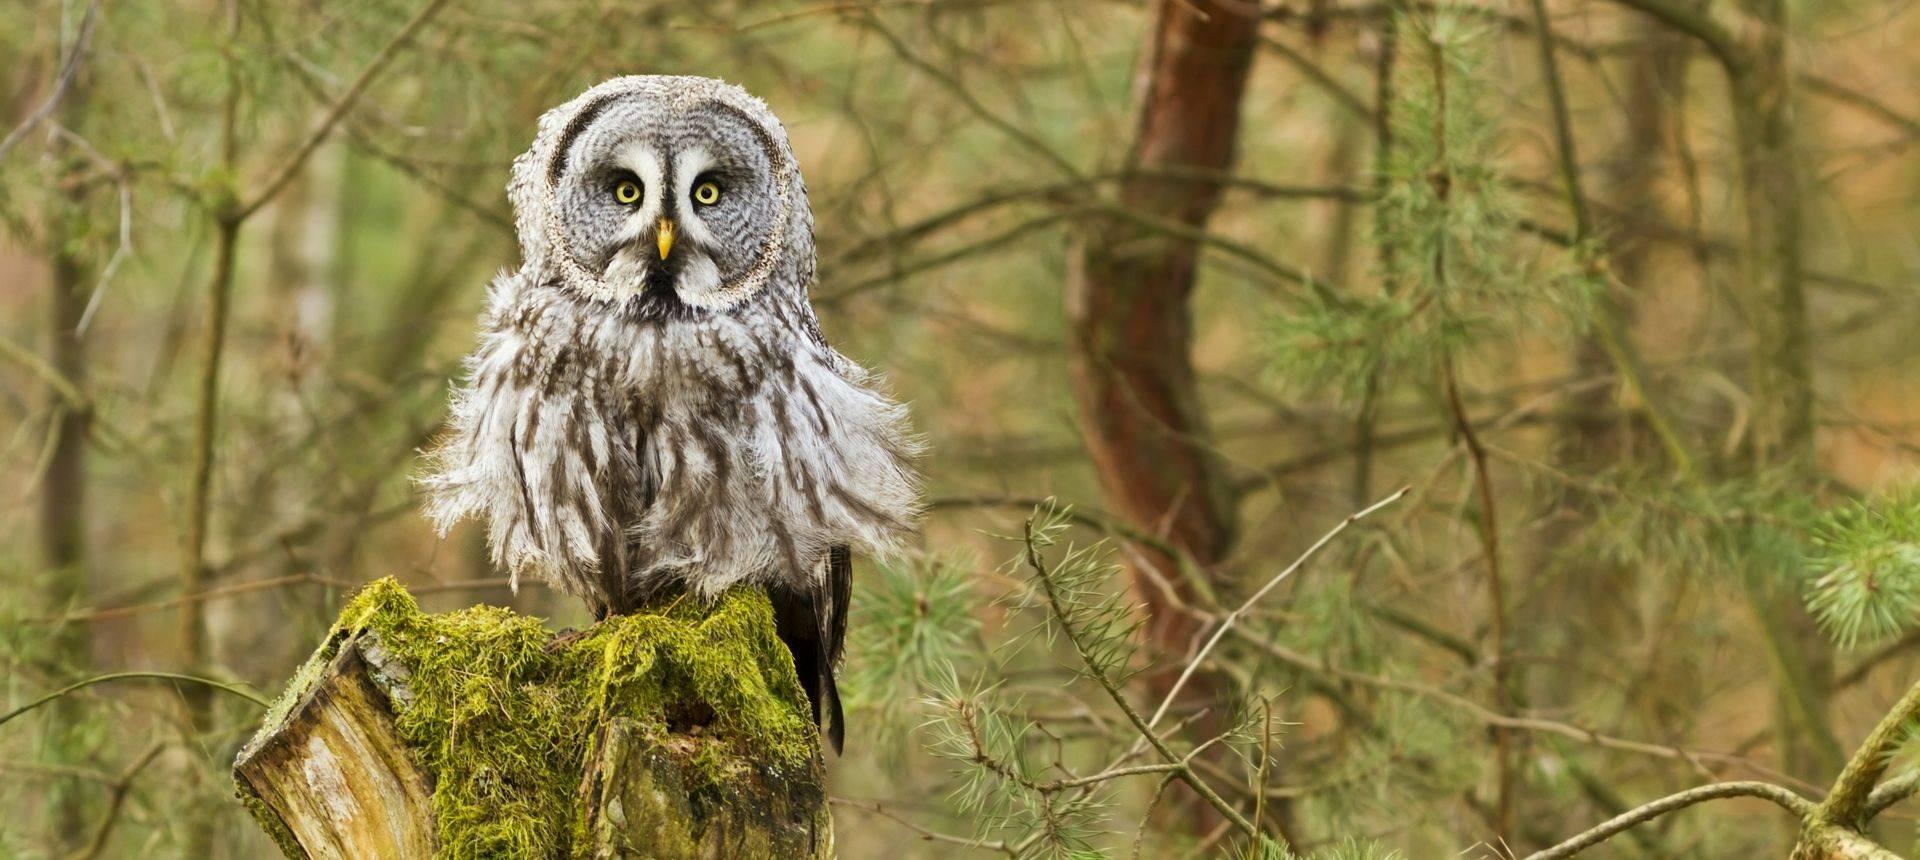 Great Grey Owl Shutterstock 76186777